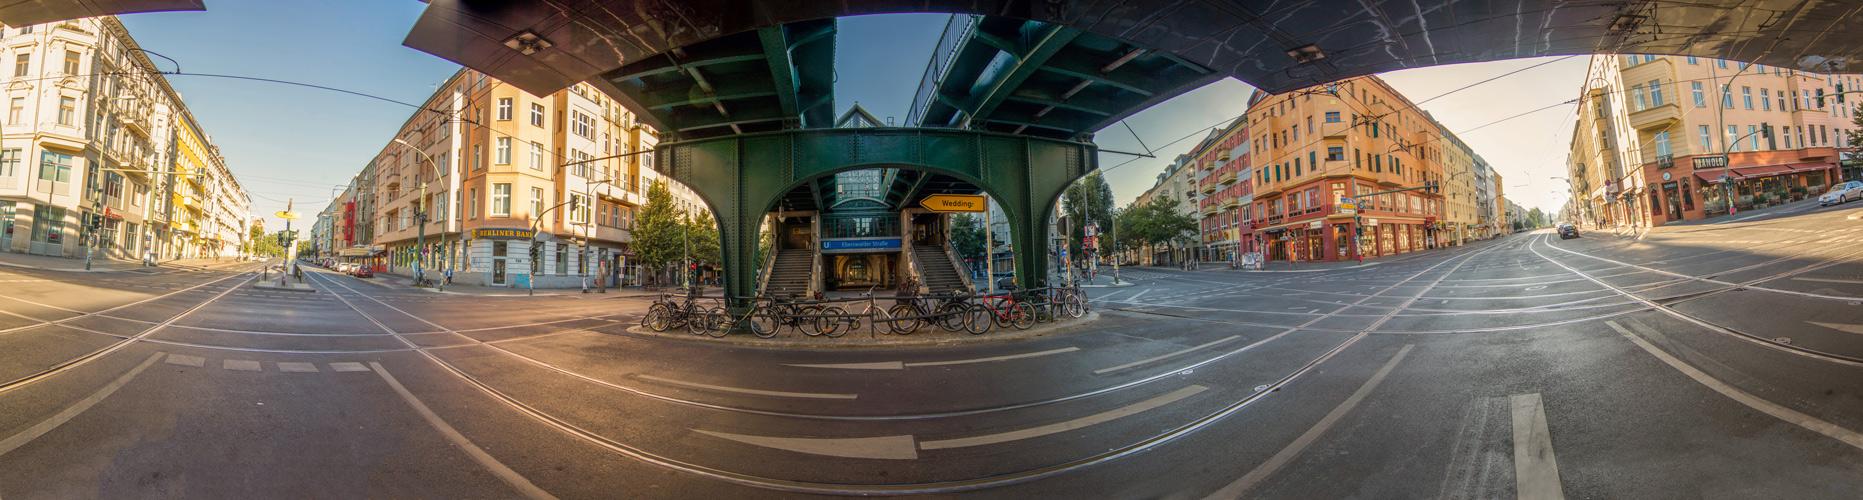 Kreuzung Eberswalder Straße 3